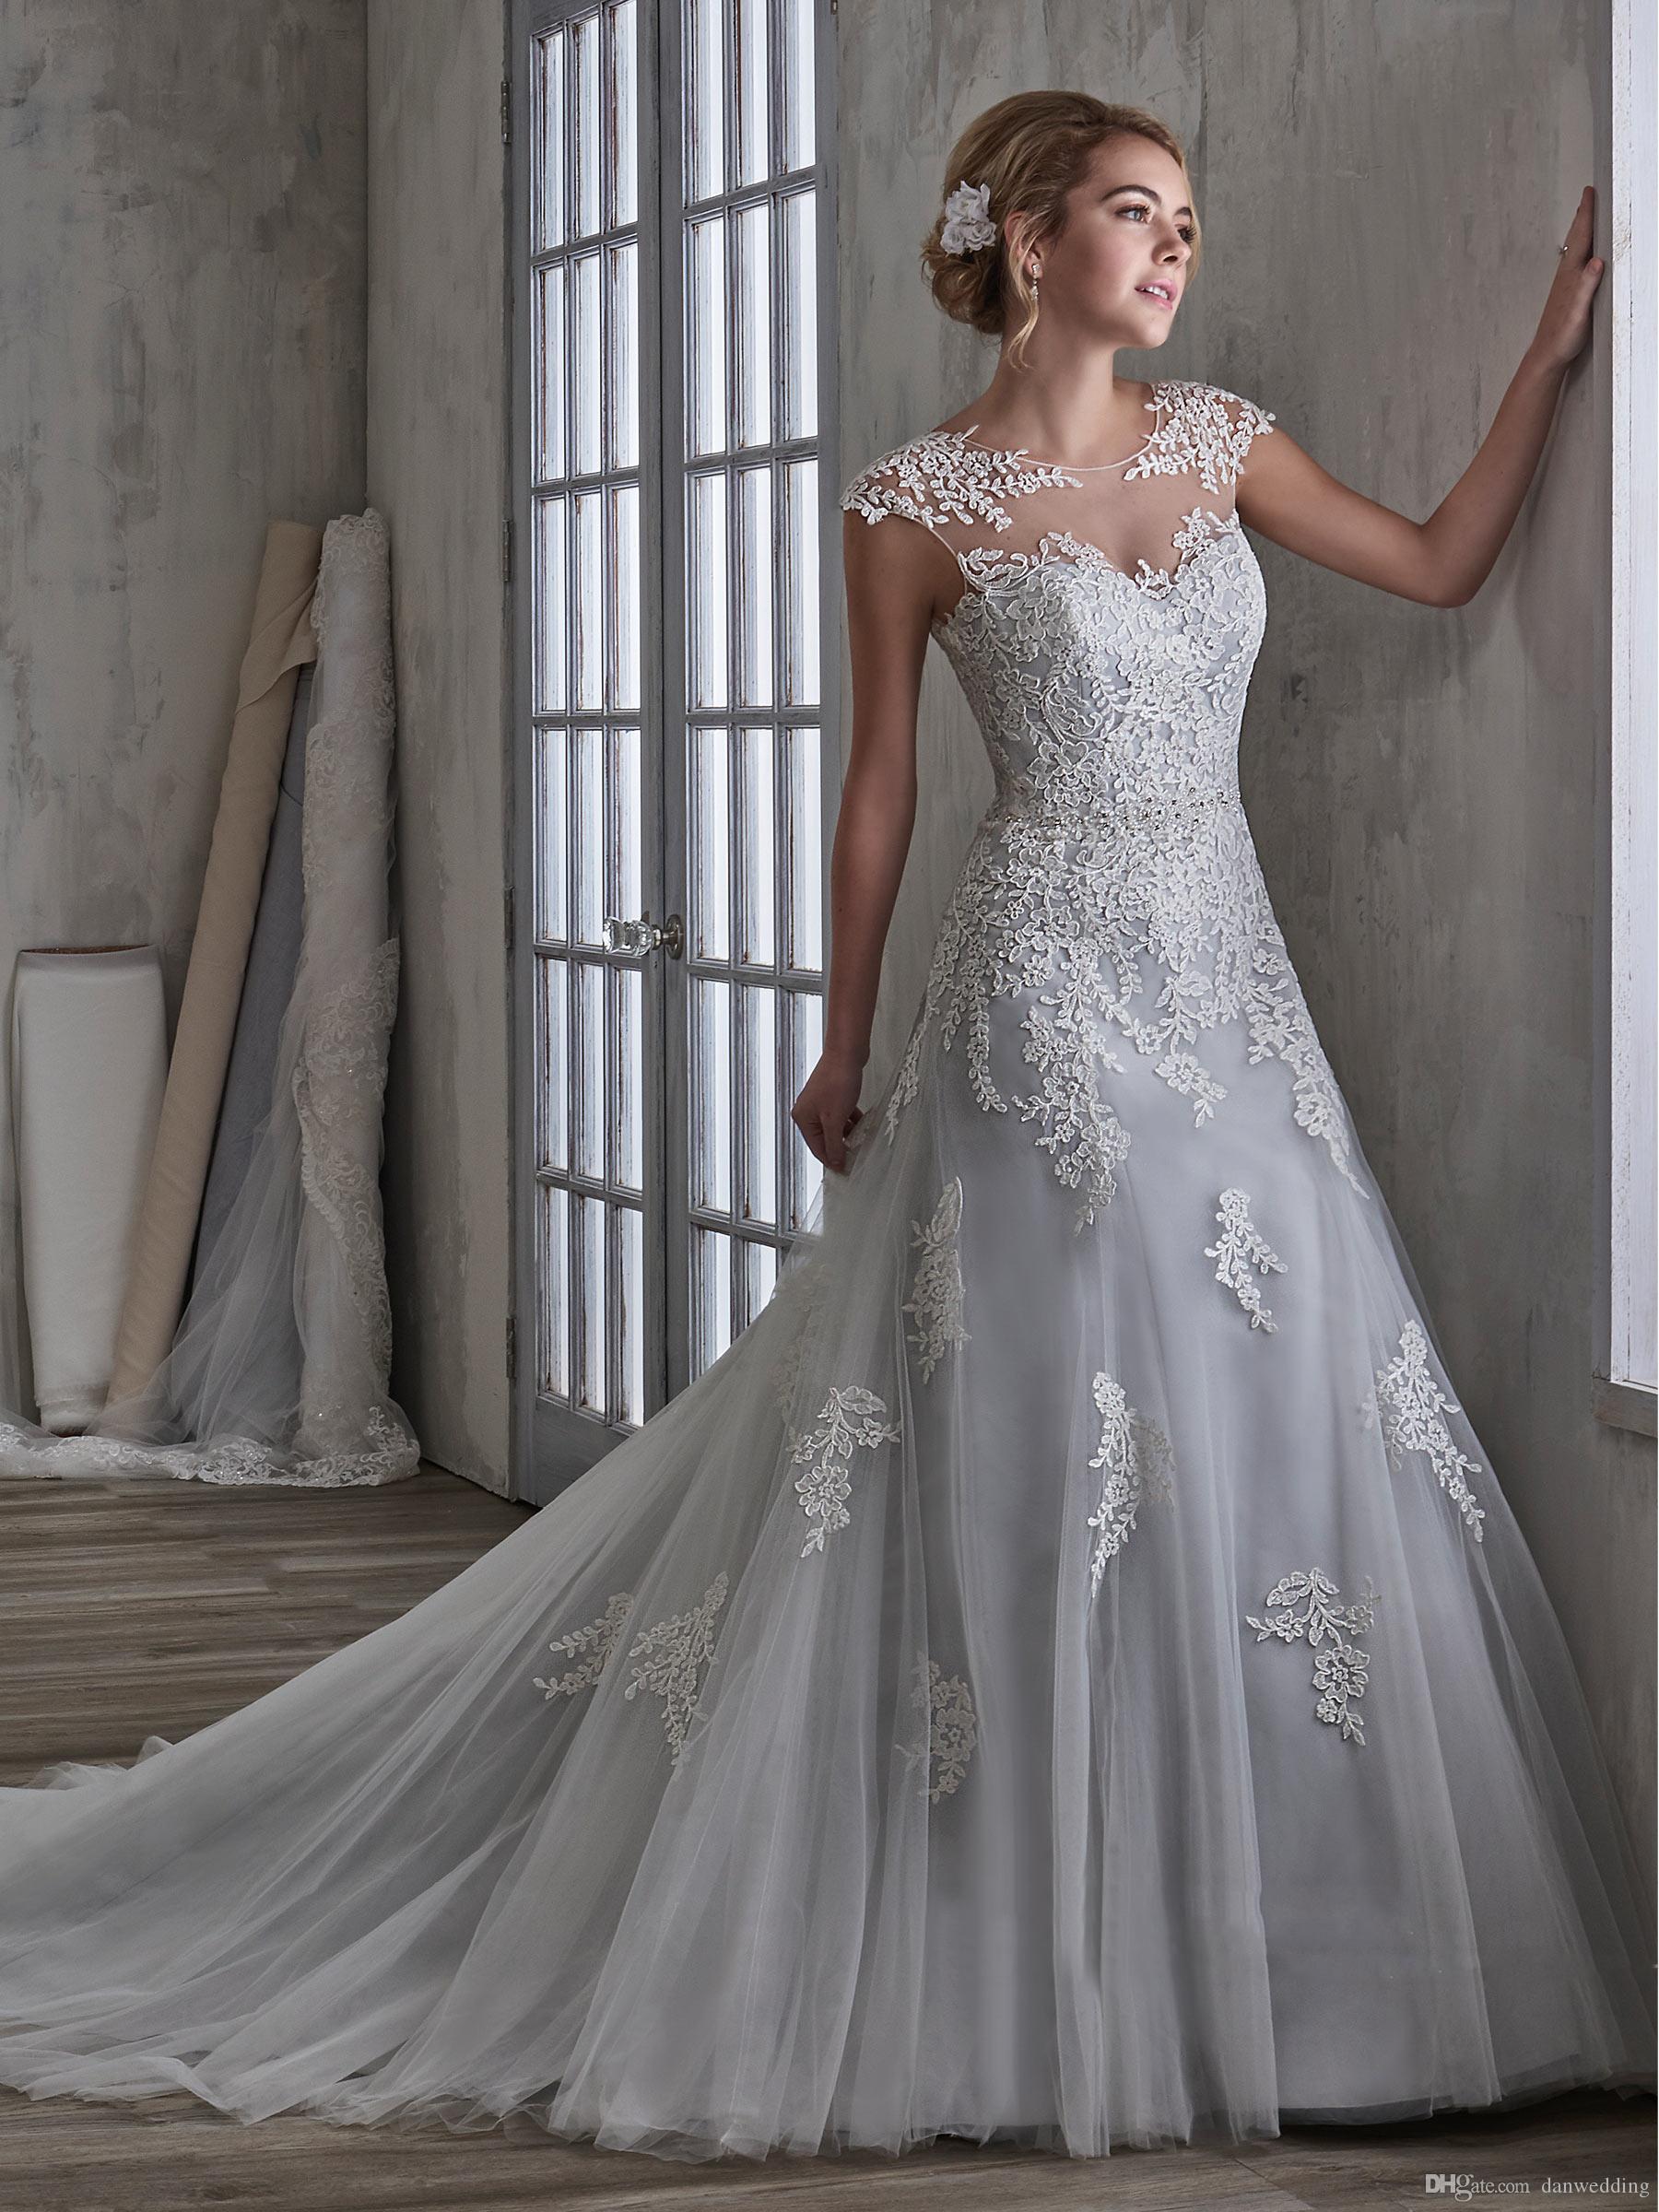 eb432bcb0 Compre Grace White Tulle Scoop Applique Beads Vaina Vestidos De Novia  Vestidos Nupciales Vestidos De Boda Vestidos Tamaño Personalizado 2 18  KF1217187 A ...